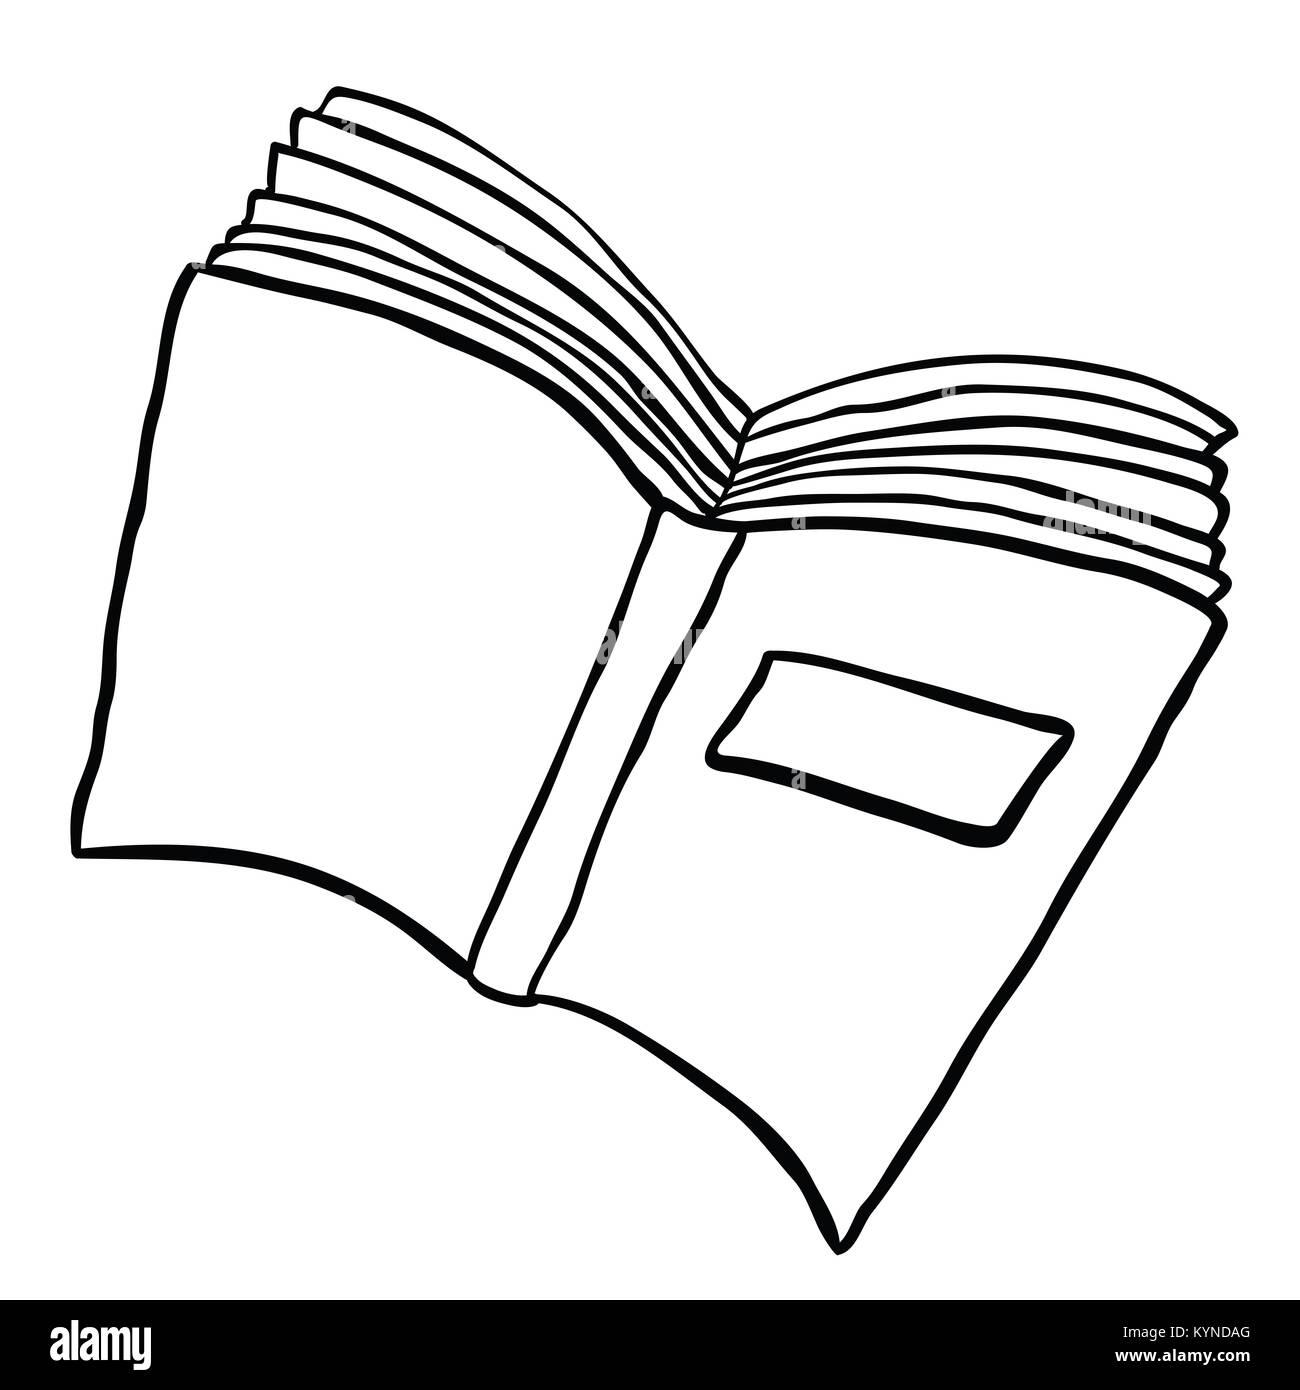 Erfreut Offenes Buch Malvorlagen Bilder - Beispielzusammenfassung ...